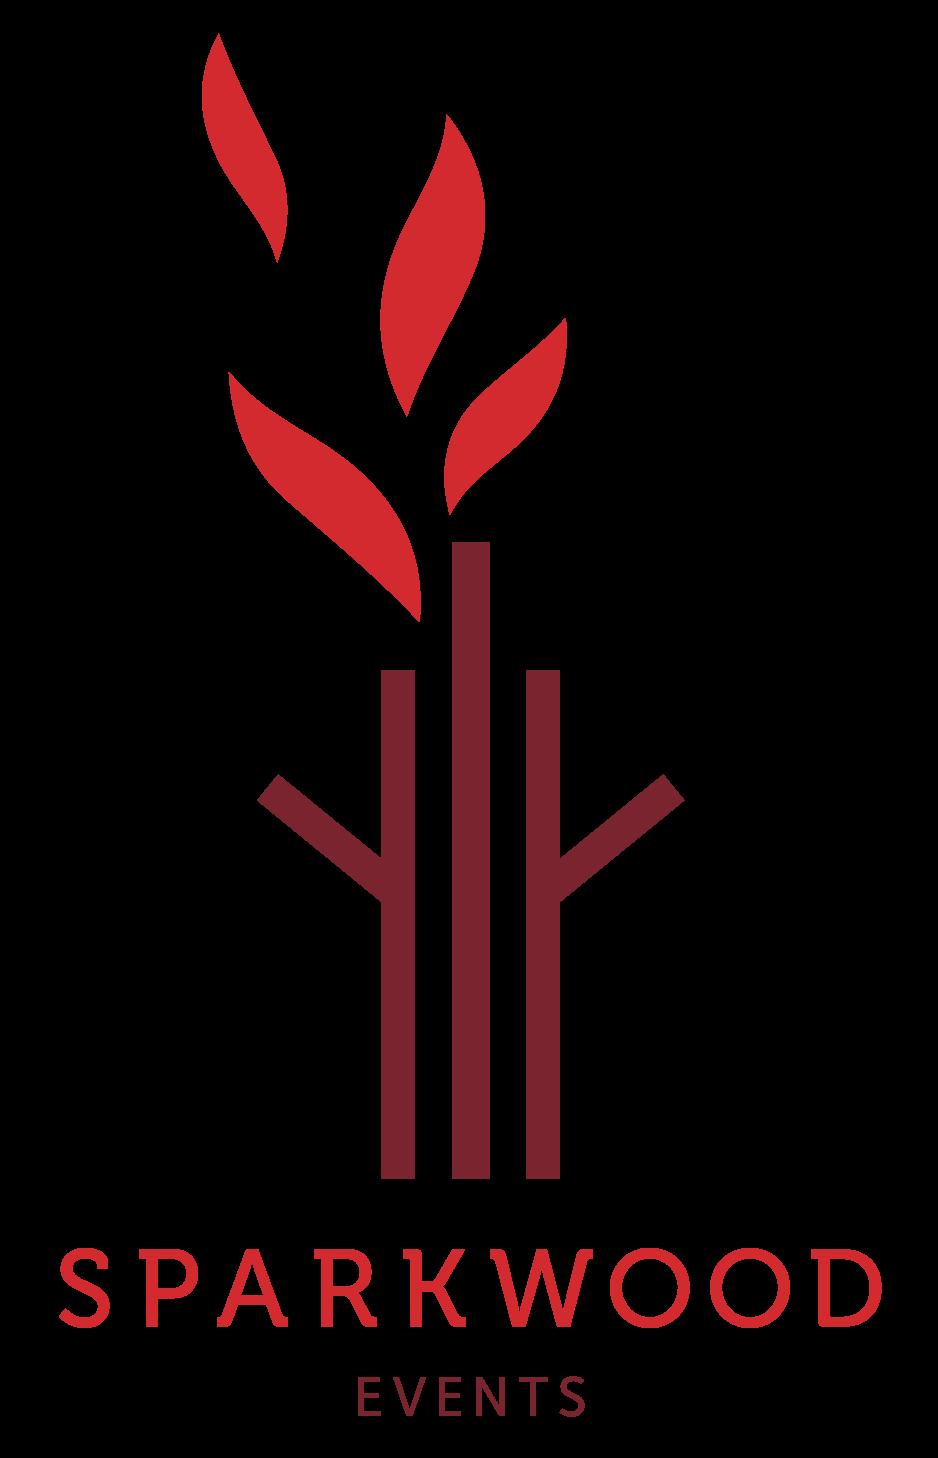 sparkwood_logo_2017a-01.png